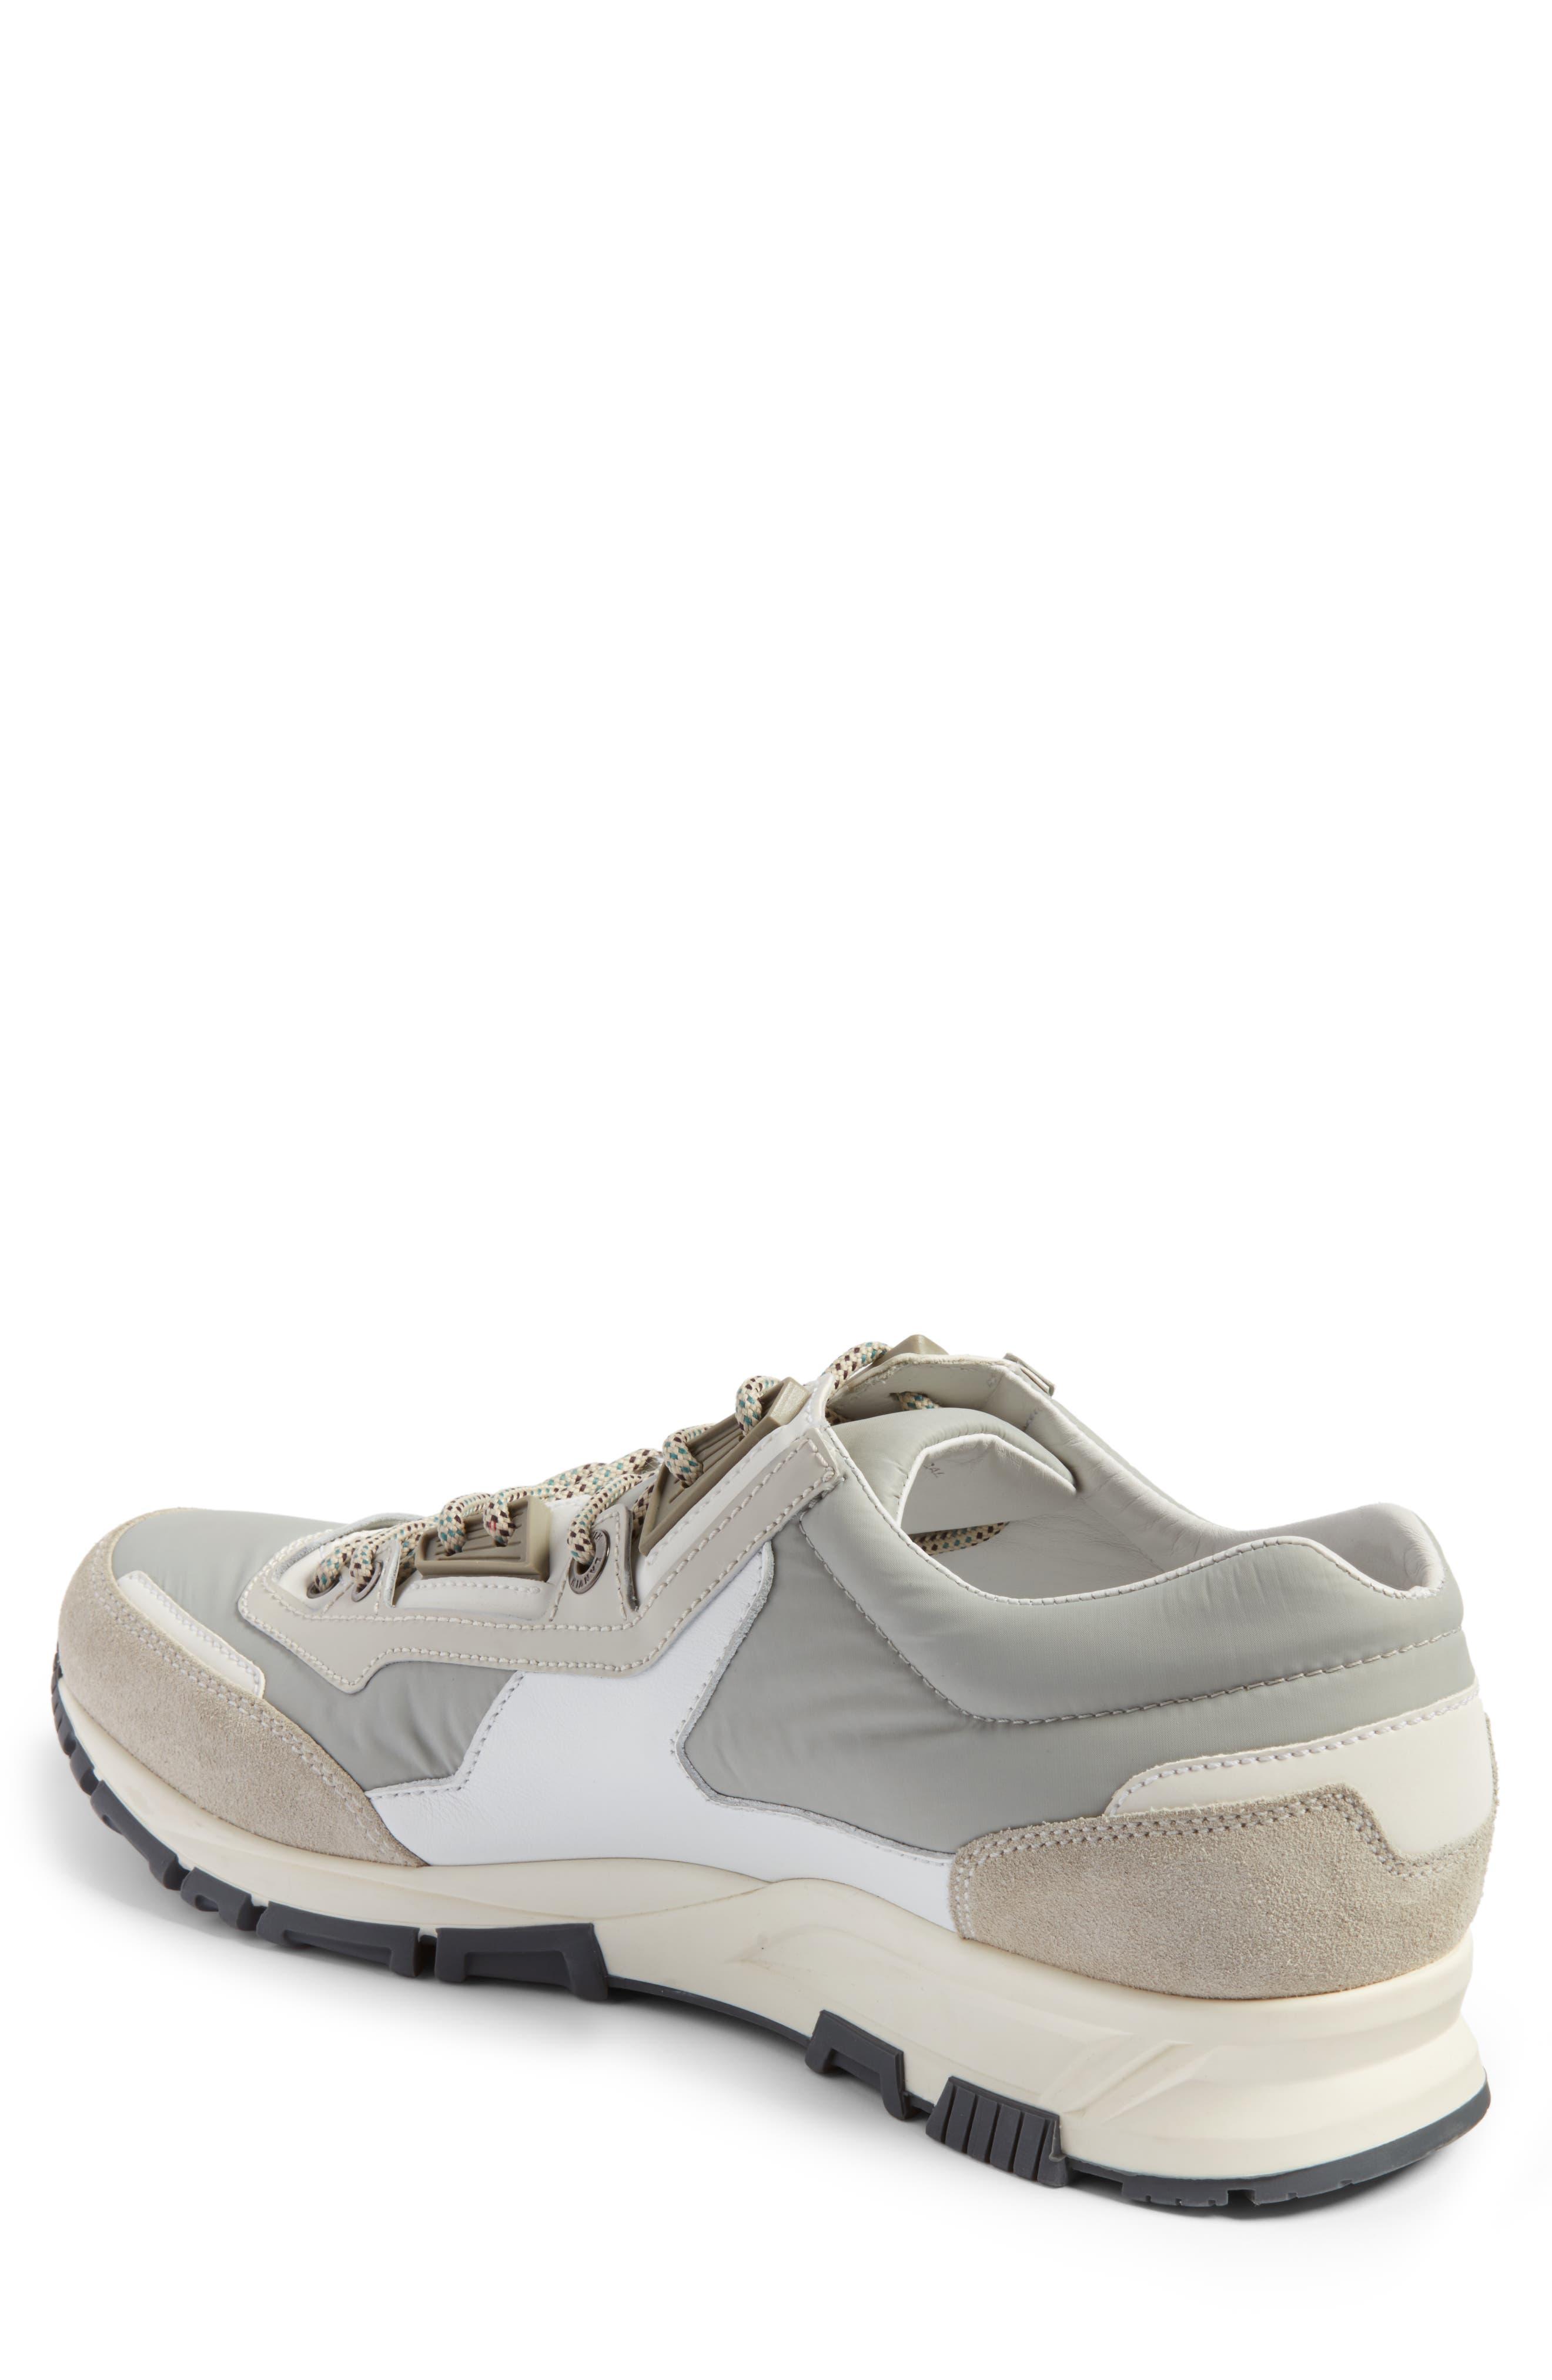 Running Sneaker,                             Alternate thumbnail 2, color,                             252